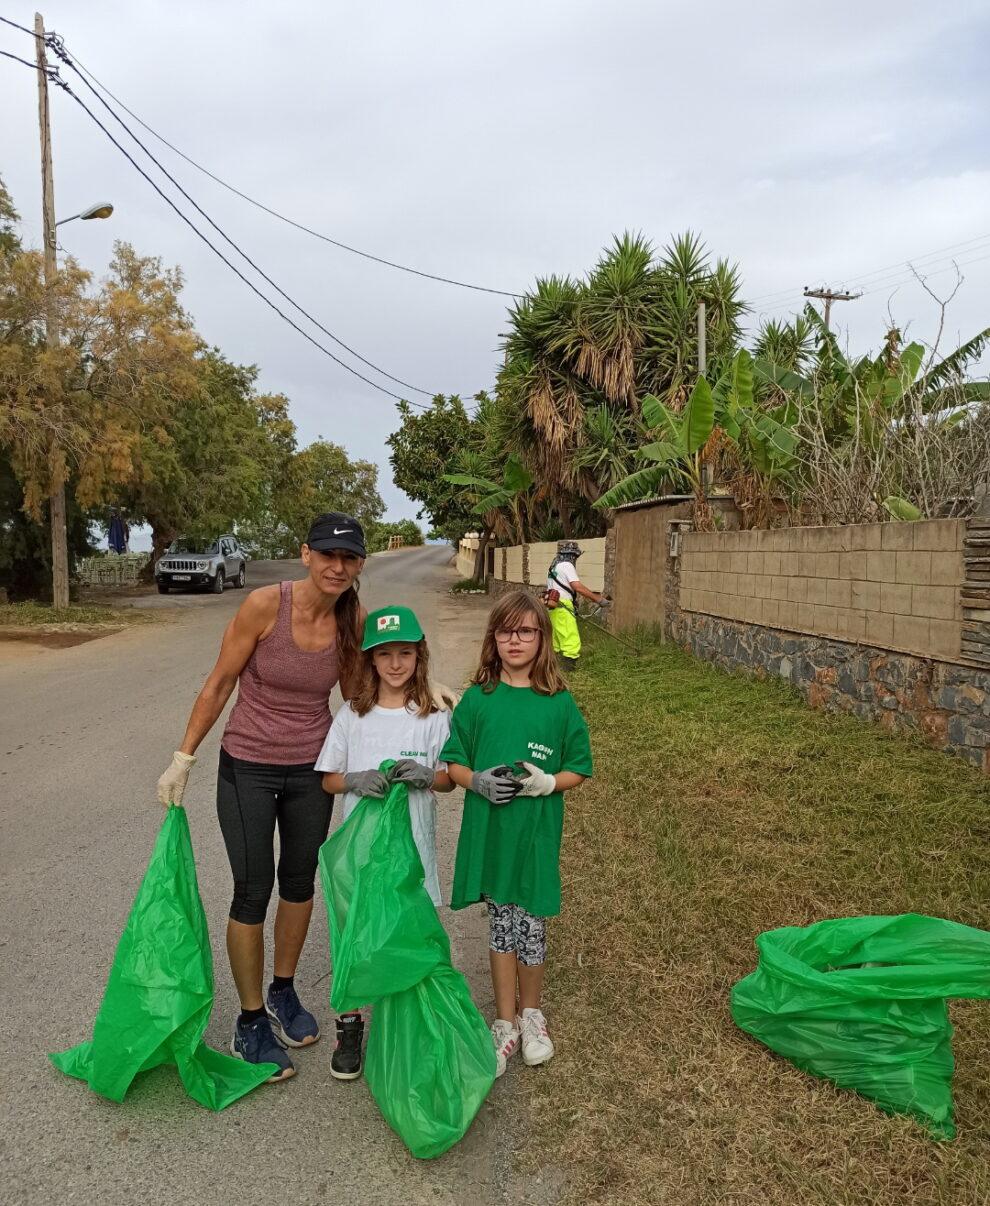 Εθελοντικοί καθαρισμοί στο Δήμο Δυτικής Μάνης